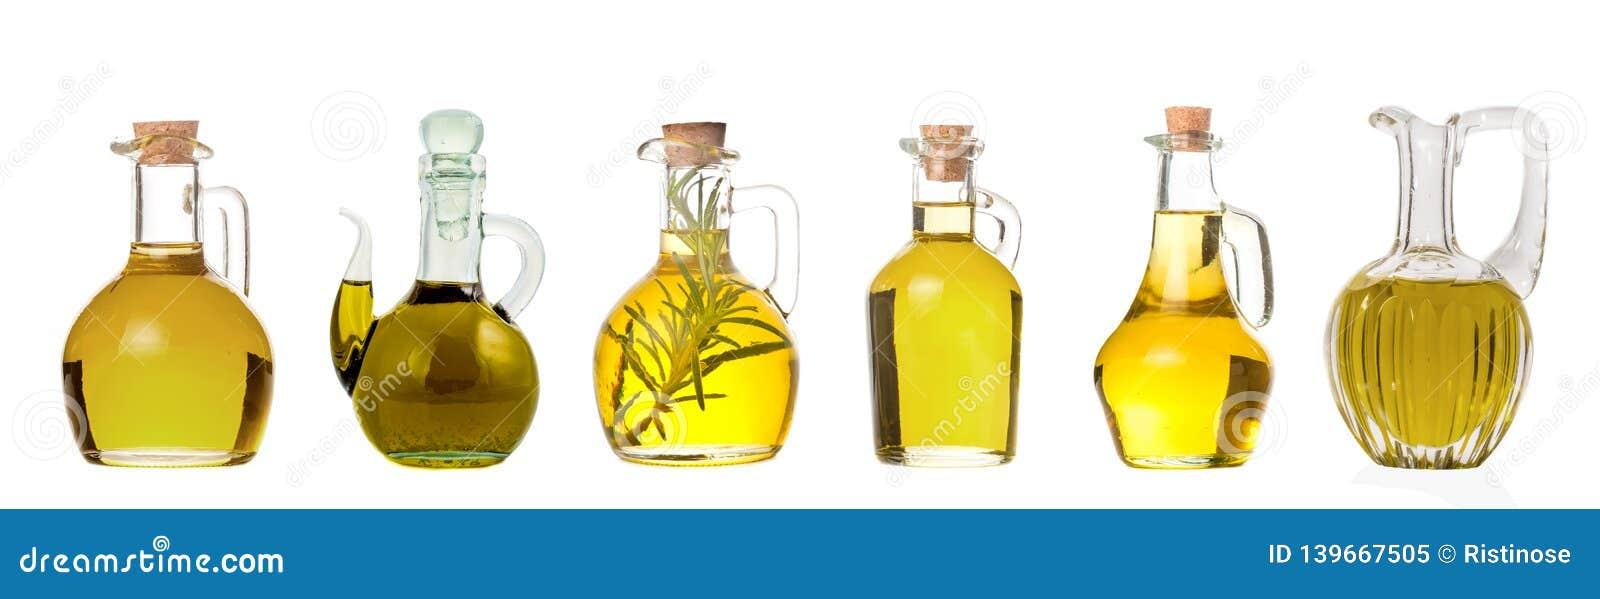 Ställ in av extra jungfruliga olivoljakrus isolerat